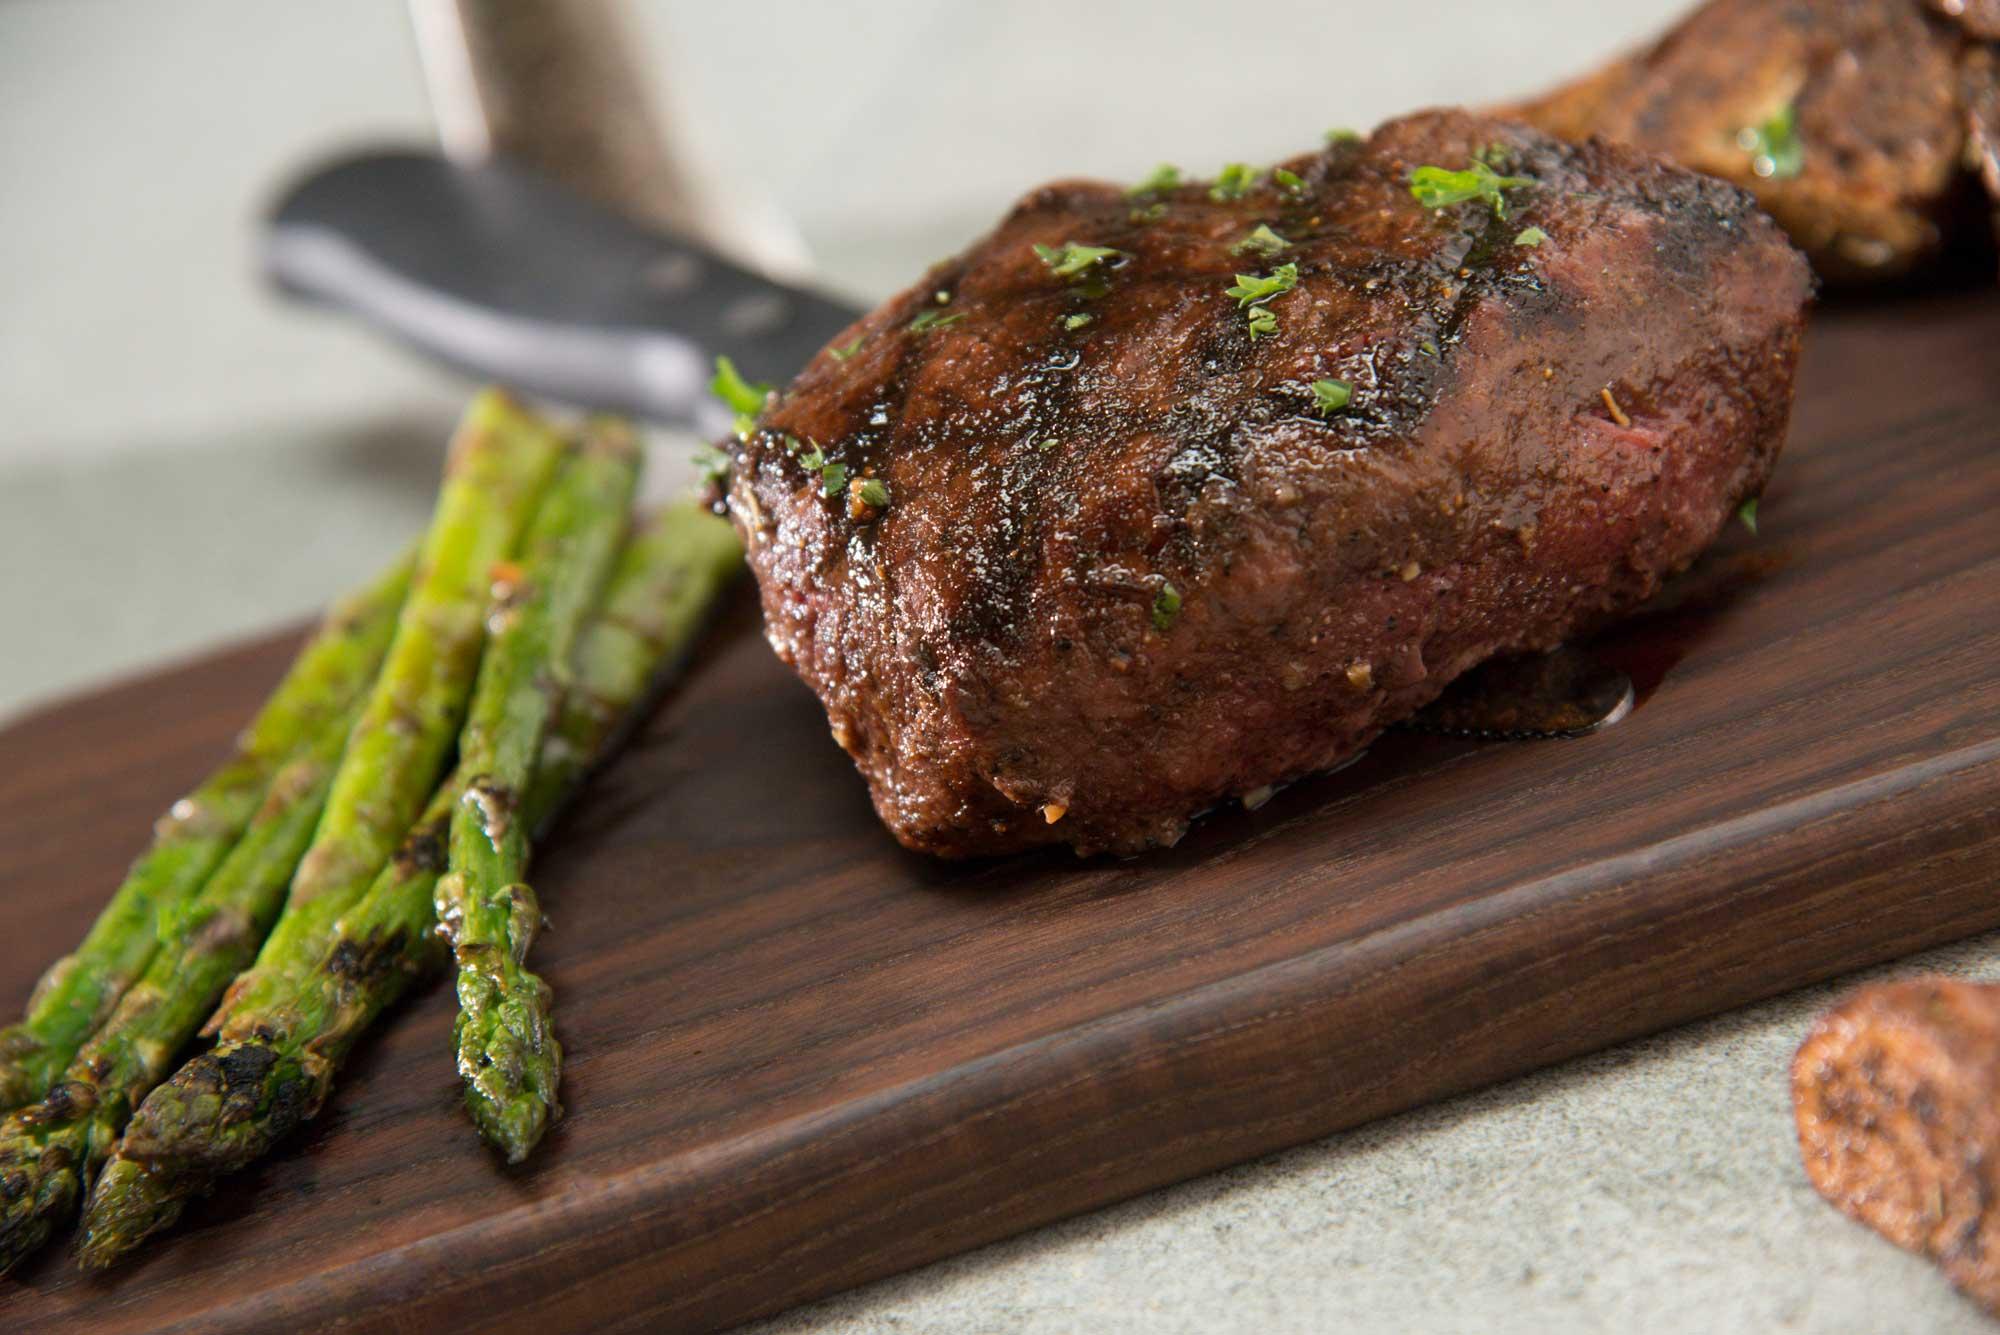 Steakhouse Sirloin with asparagus